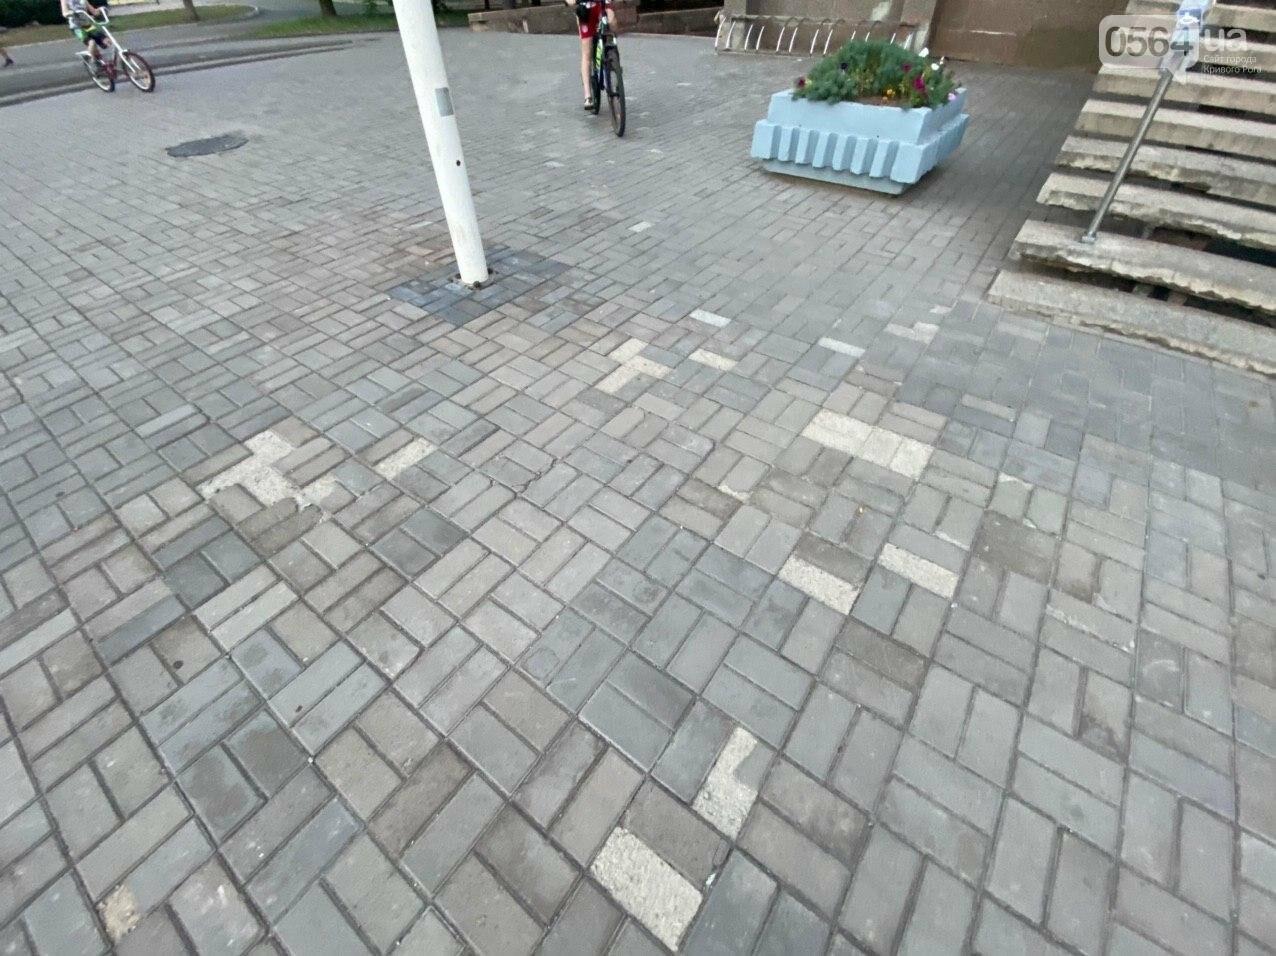 Второй раз по гарантийному договору будут менять плитку под райисполкомом в Кривом Роге, - ФОТО , фото-12